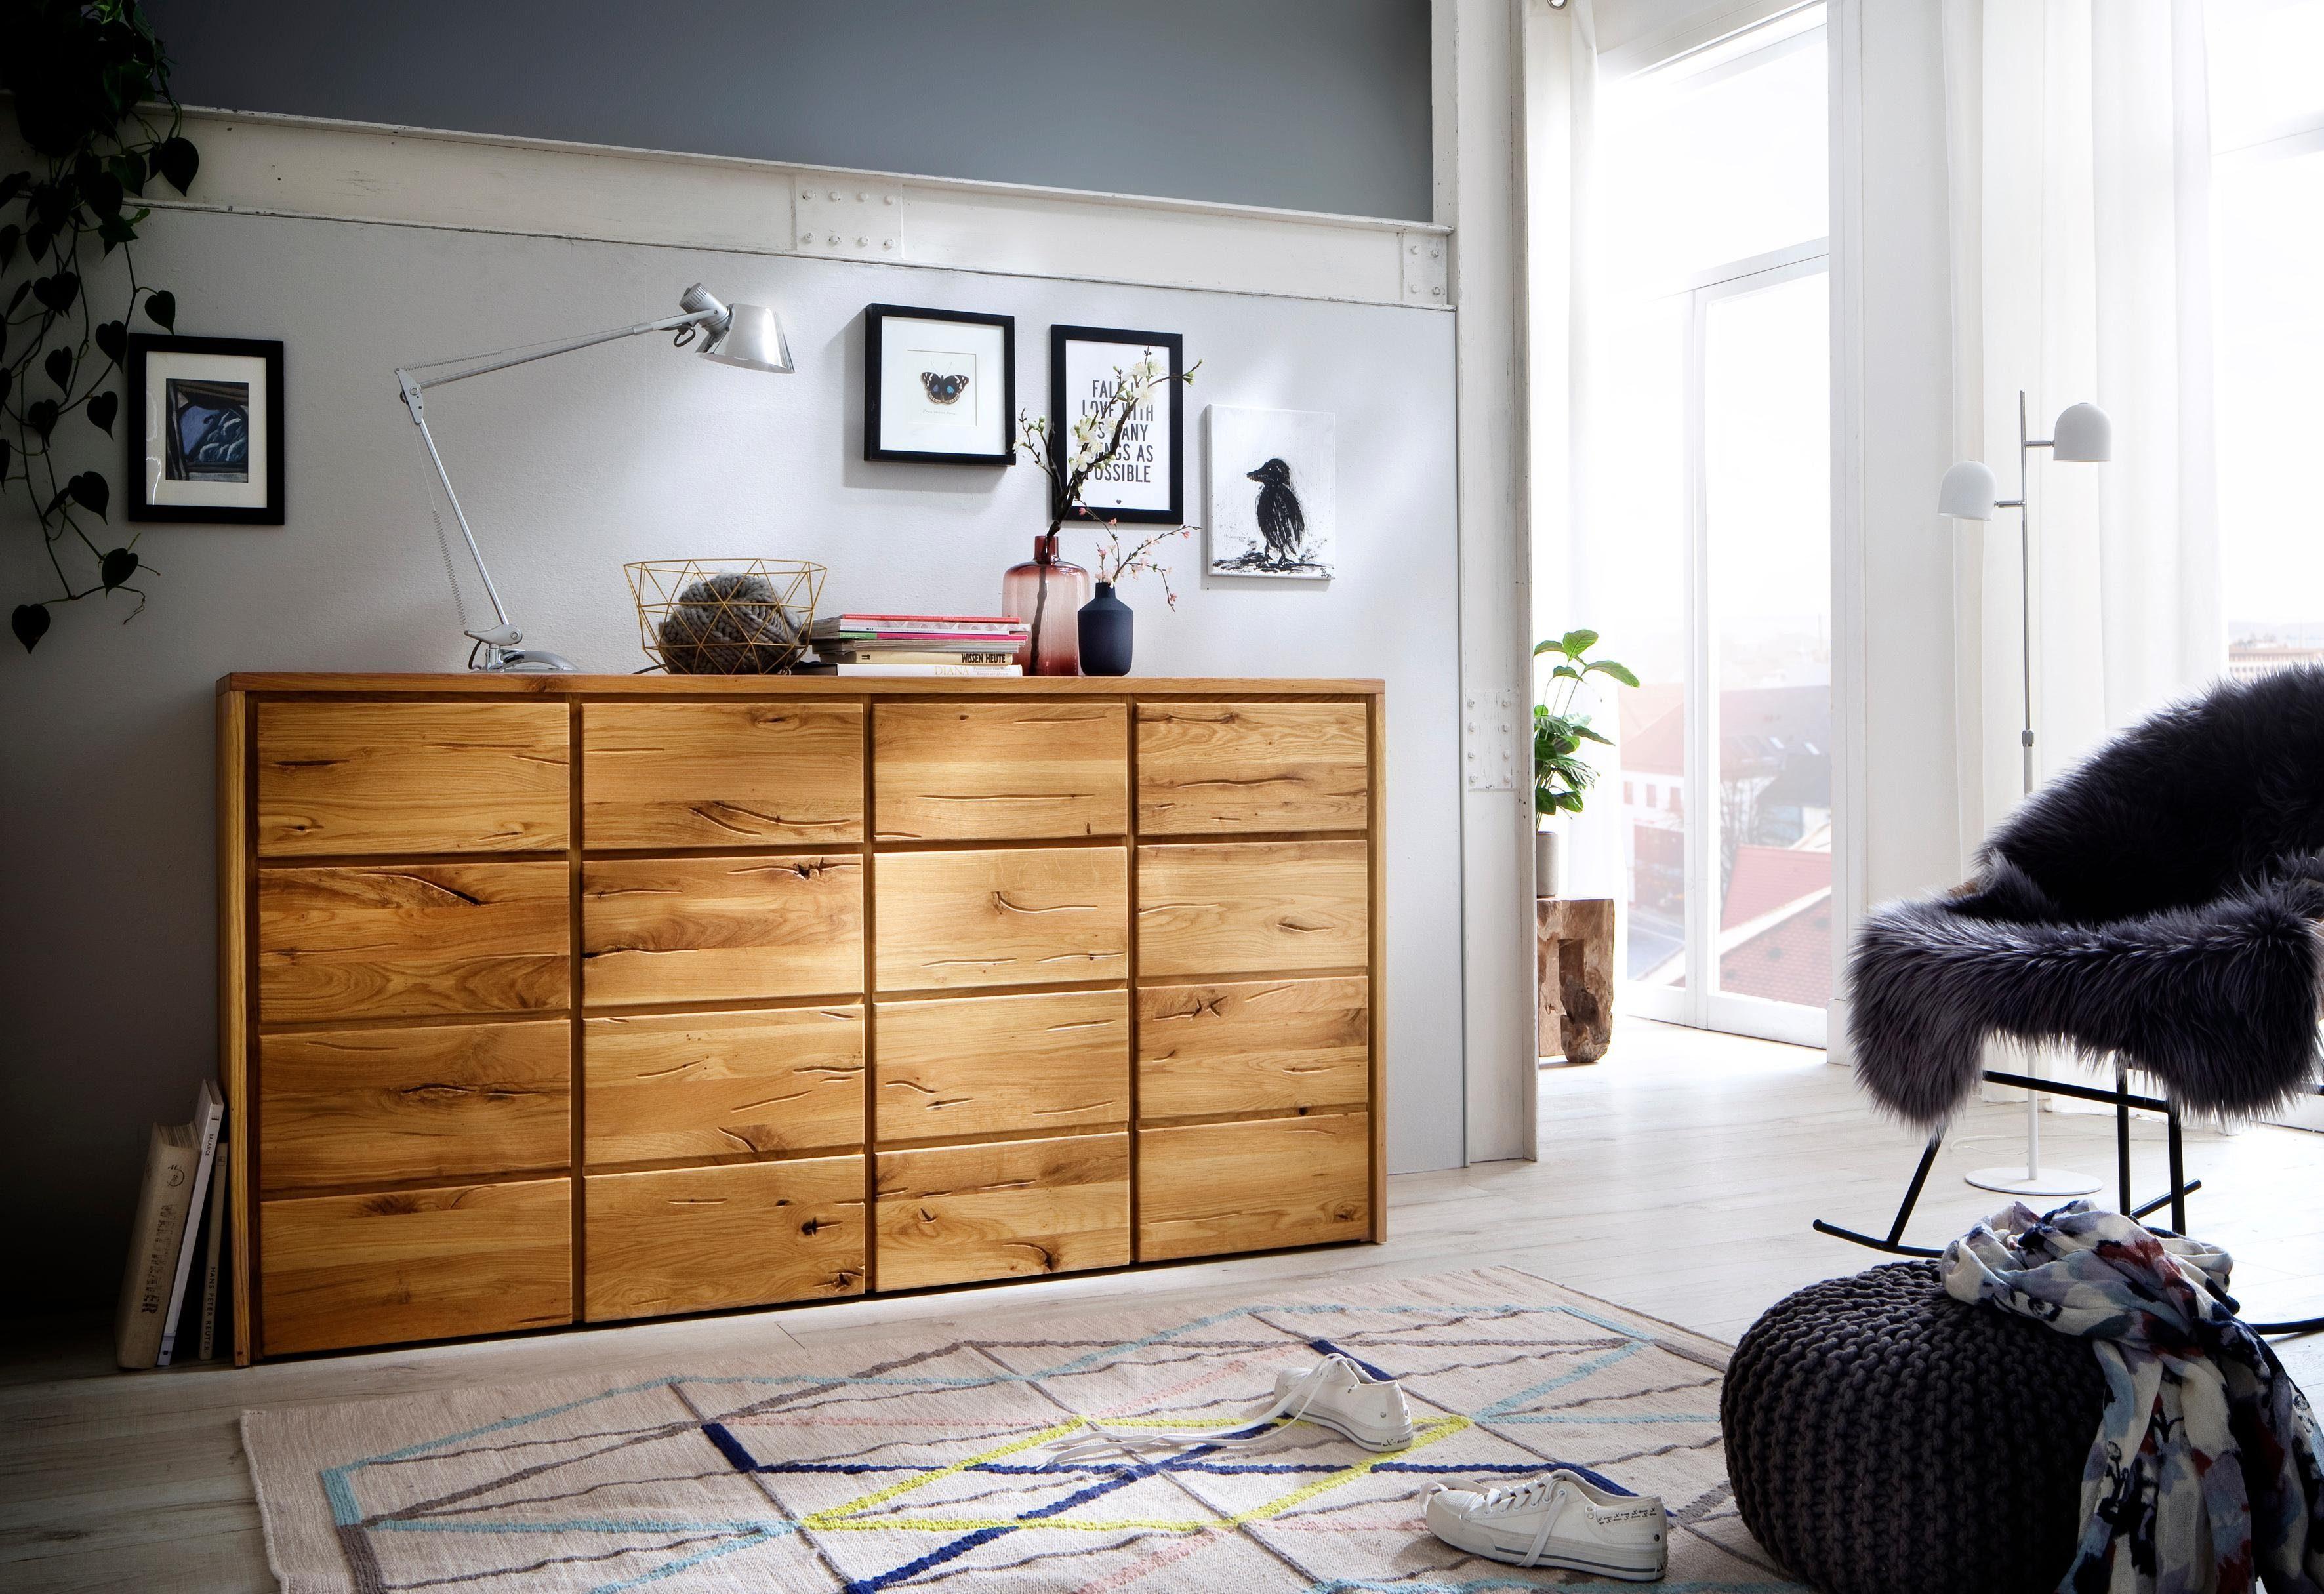 Home affaire Kommode »Zetra« aus Massivholz, alle Schubladen mit Soft-Close-Funktion, Breite 172 cm